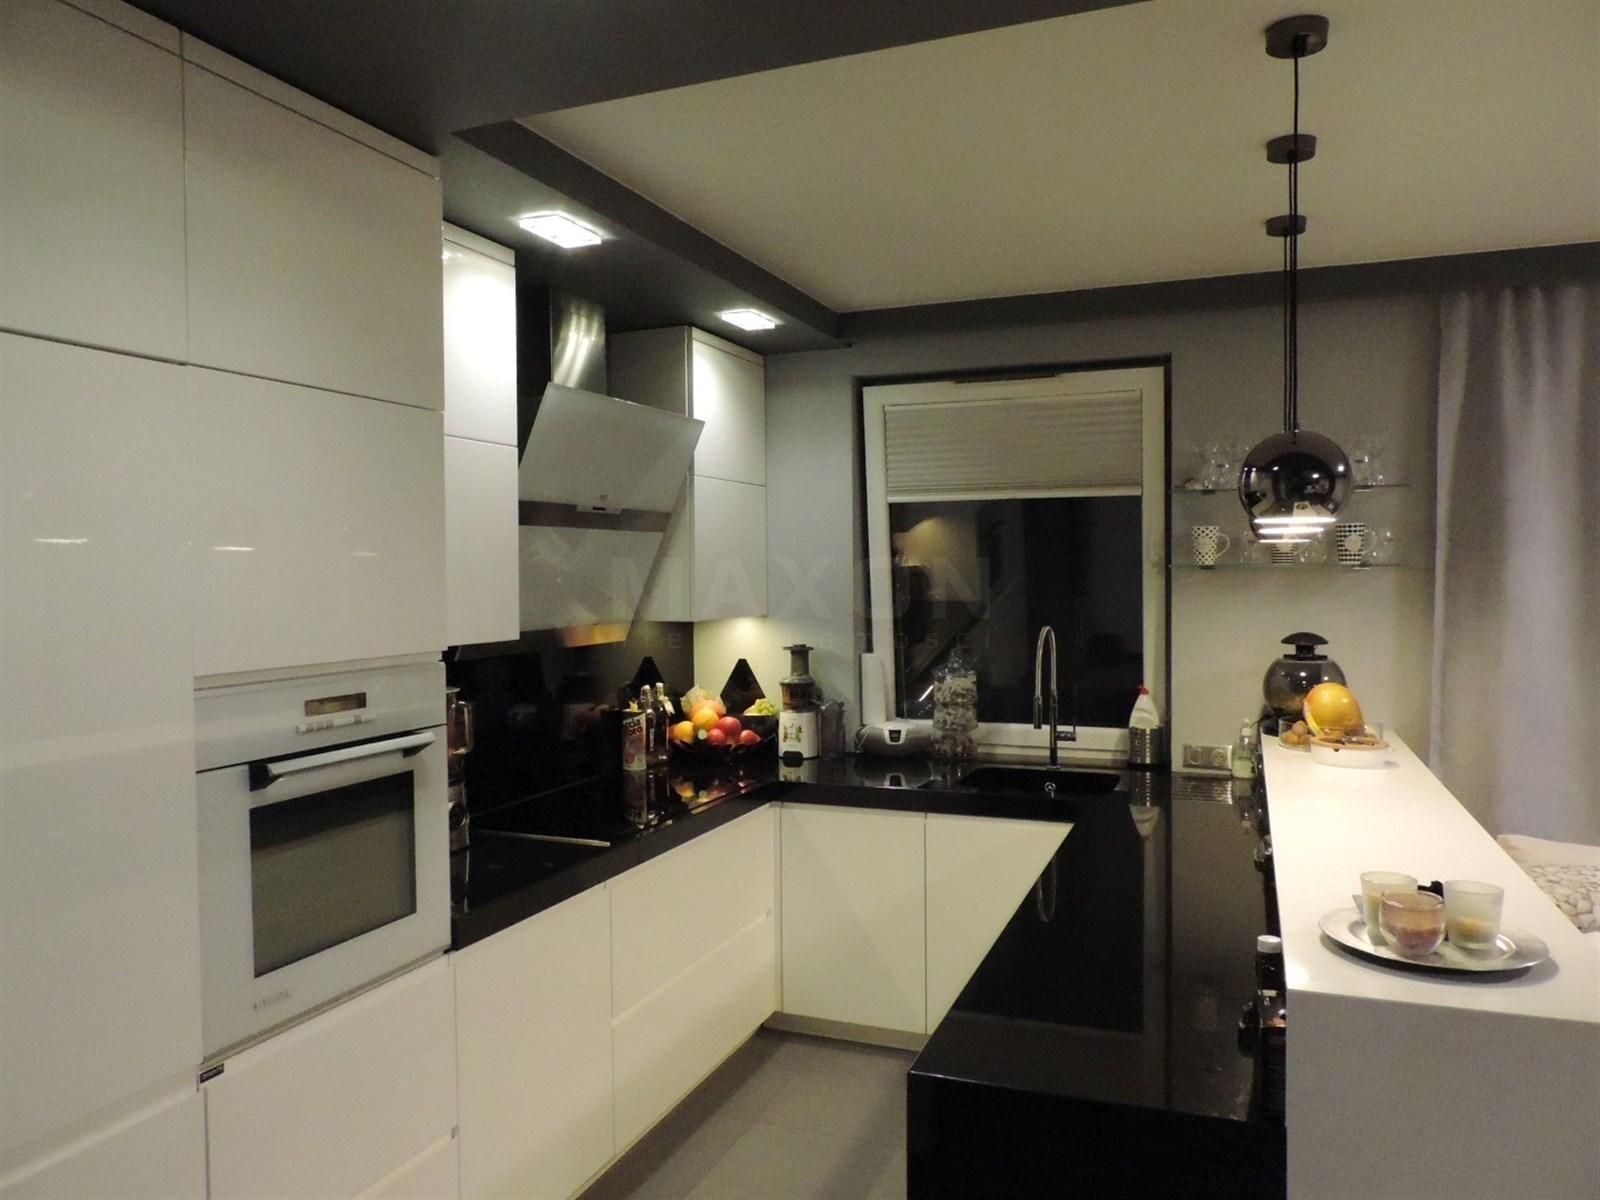 Kuchnia - przed